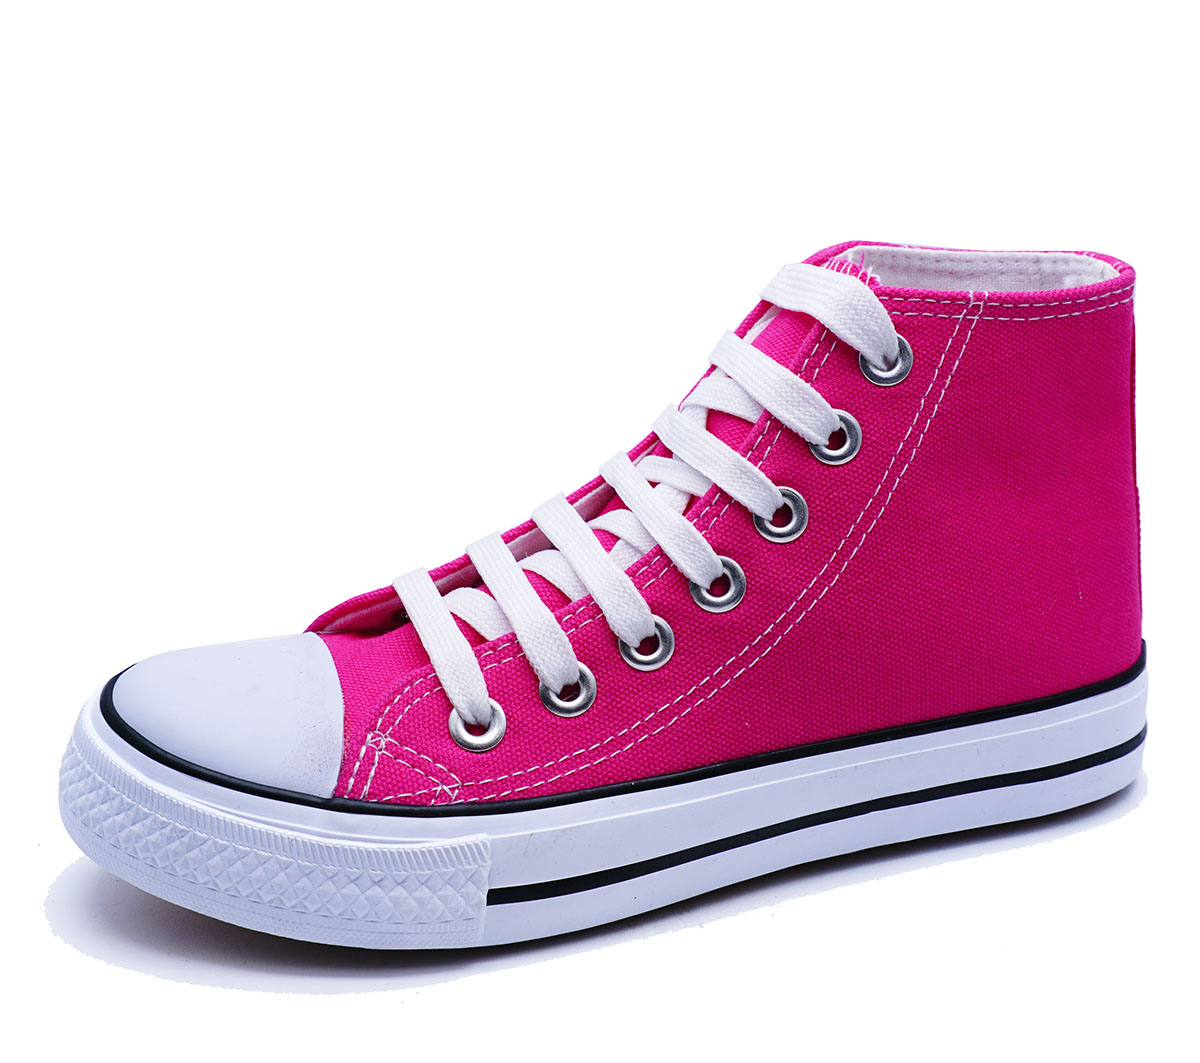 Señoras Rosa entrenador Plano De Lona Con Cordones Tobillo Alto Bombas Zapatos Botas cómoda UK 3-8